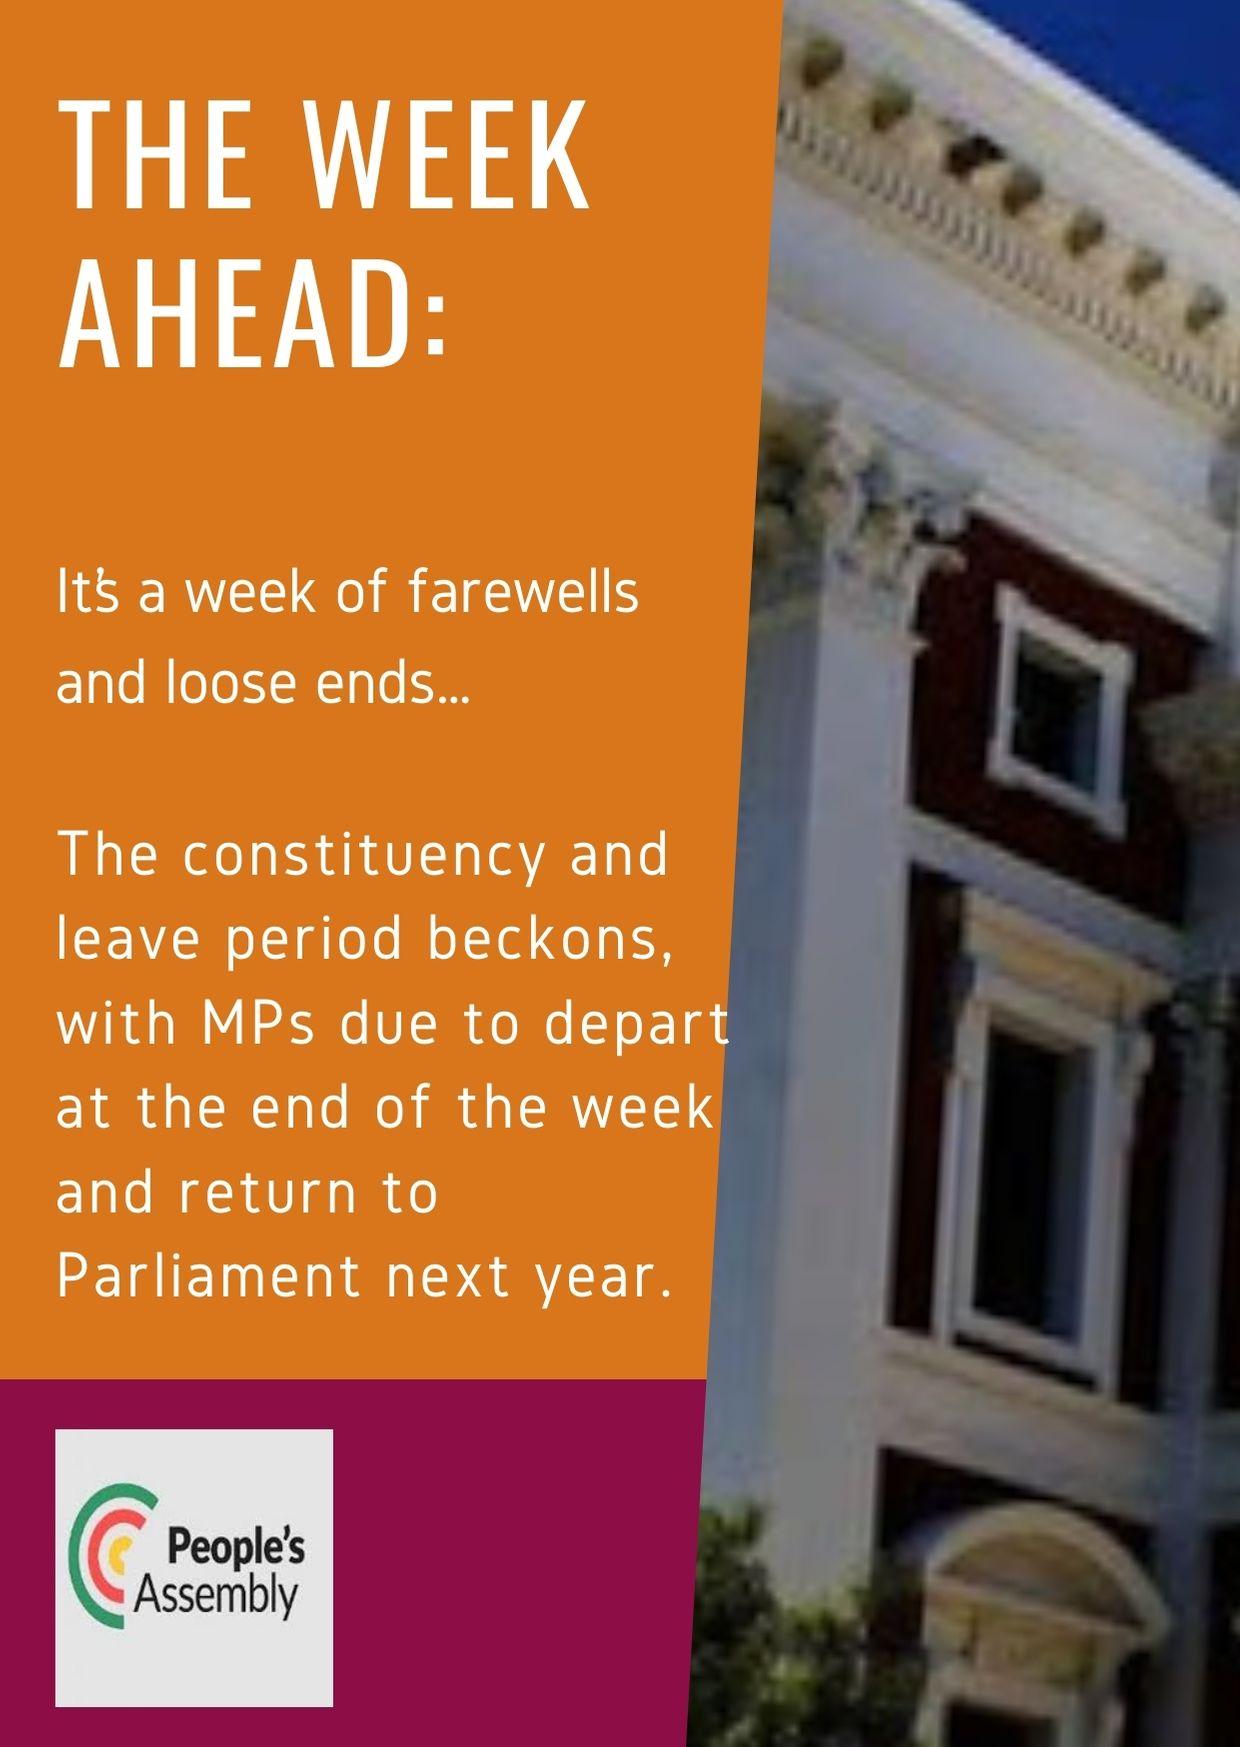 week-ahead-jpeg